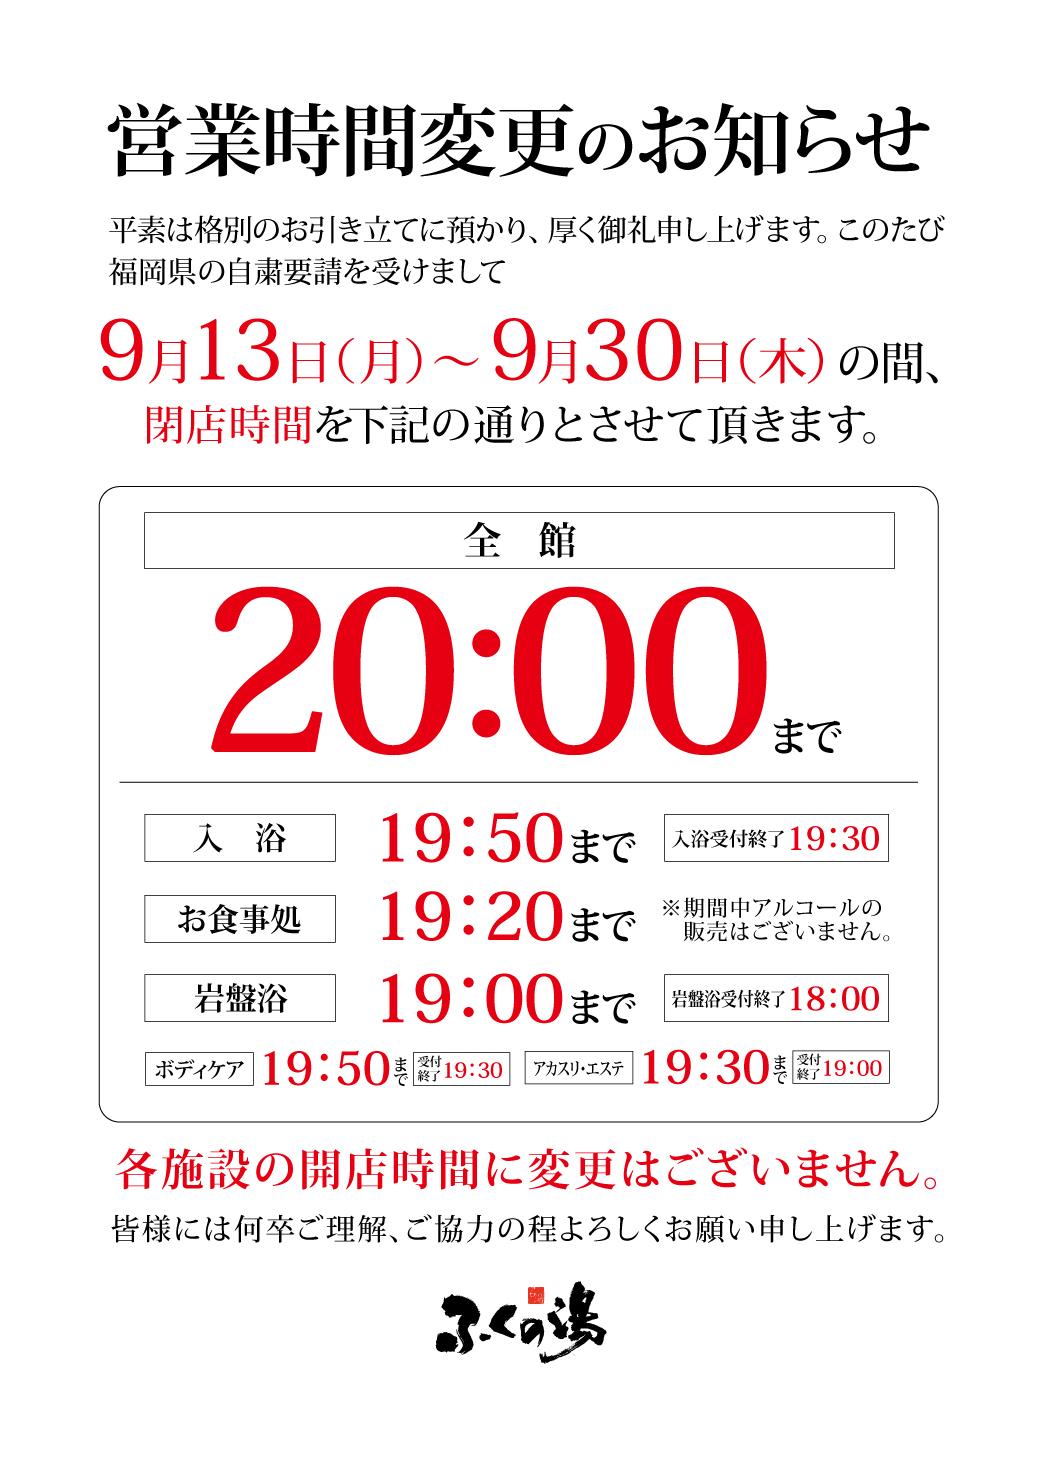 【9/13~9/30】営業時間変更のお知らせ